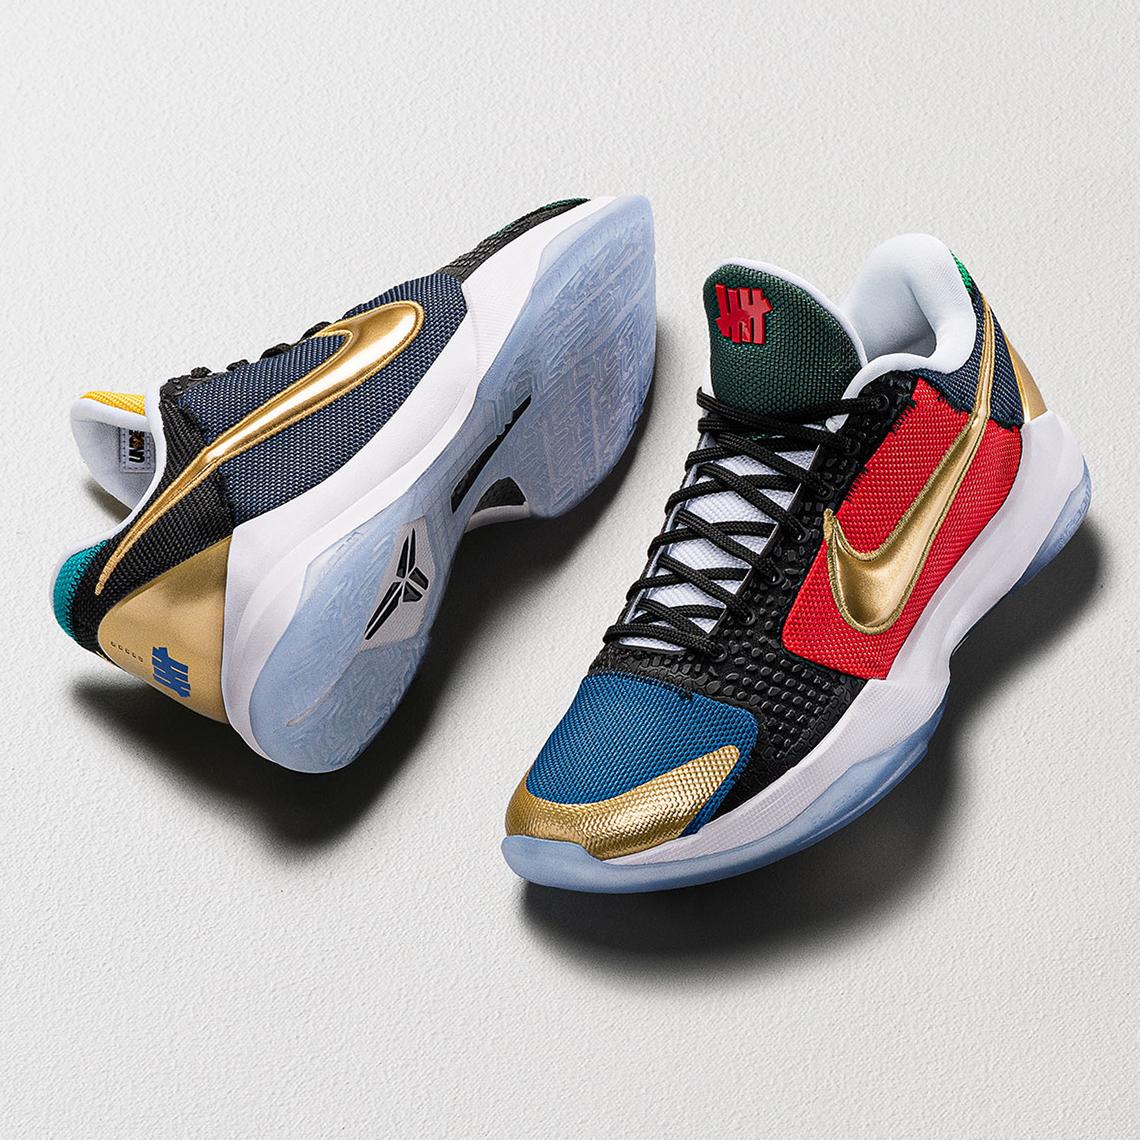 UNDEFEATED Nike Kobe 5 Protro Release